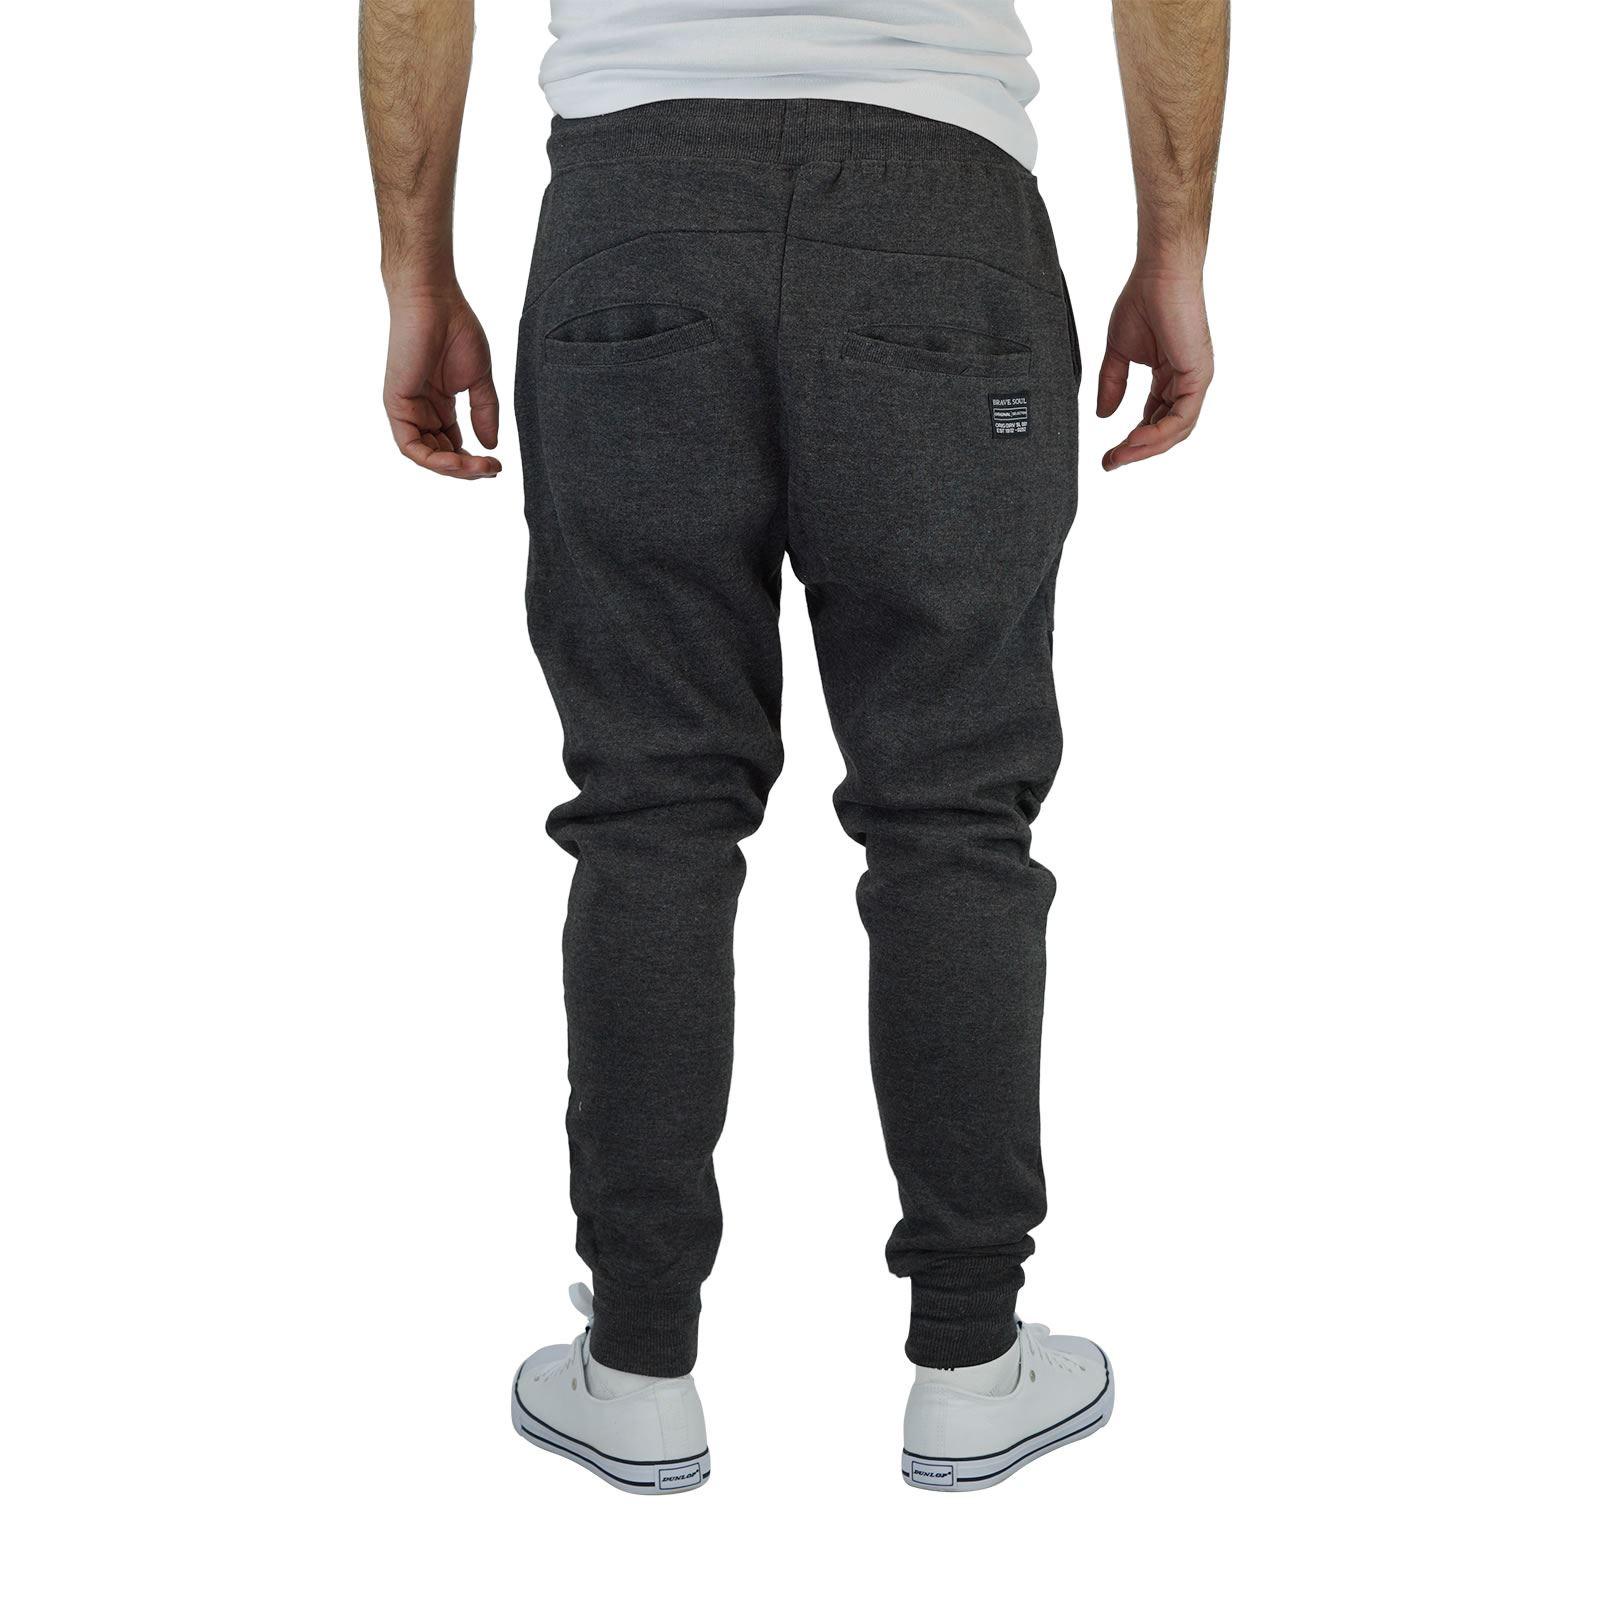 miniature 4 - Homme-Pantalon-De-Survetement-Brave-Soul-Sean-Slim-Motard-Panneau-Detail-Decontracte-Pantalon